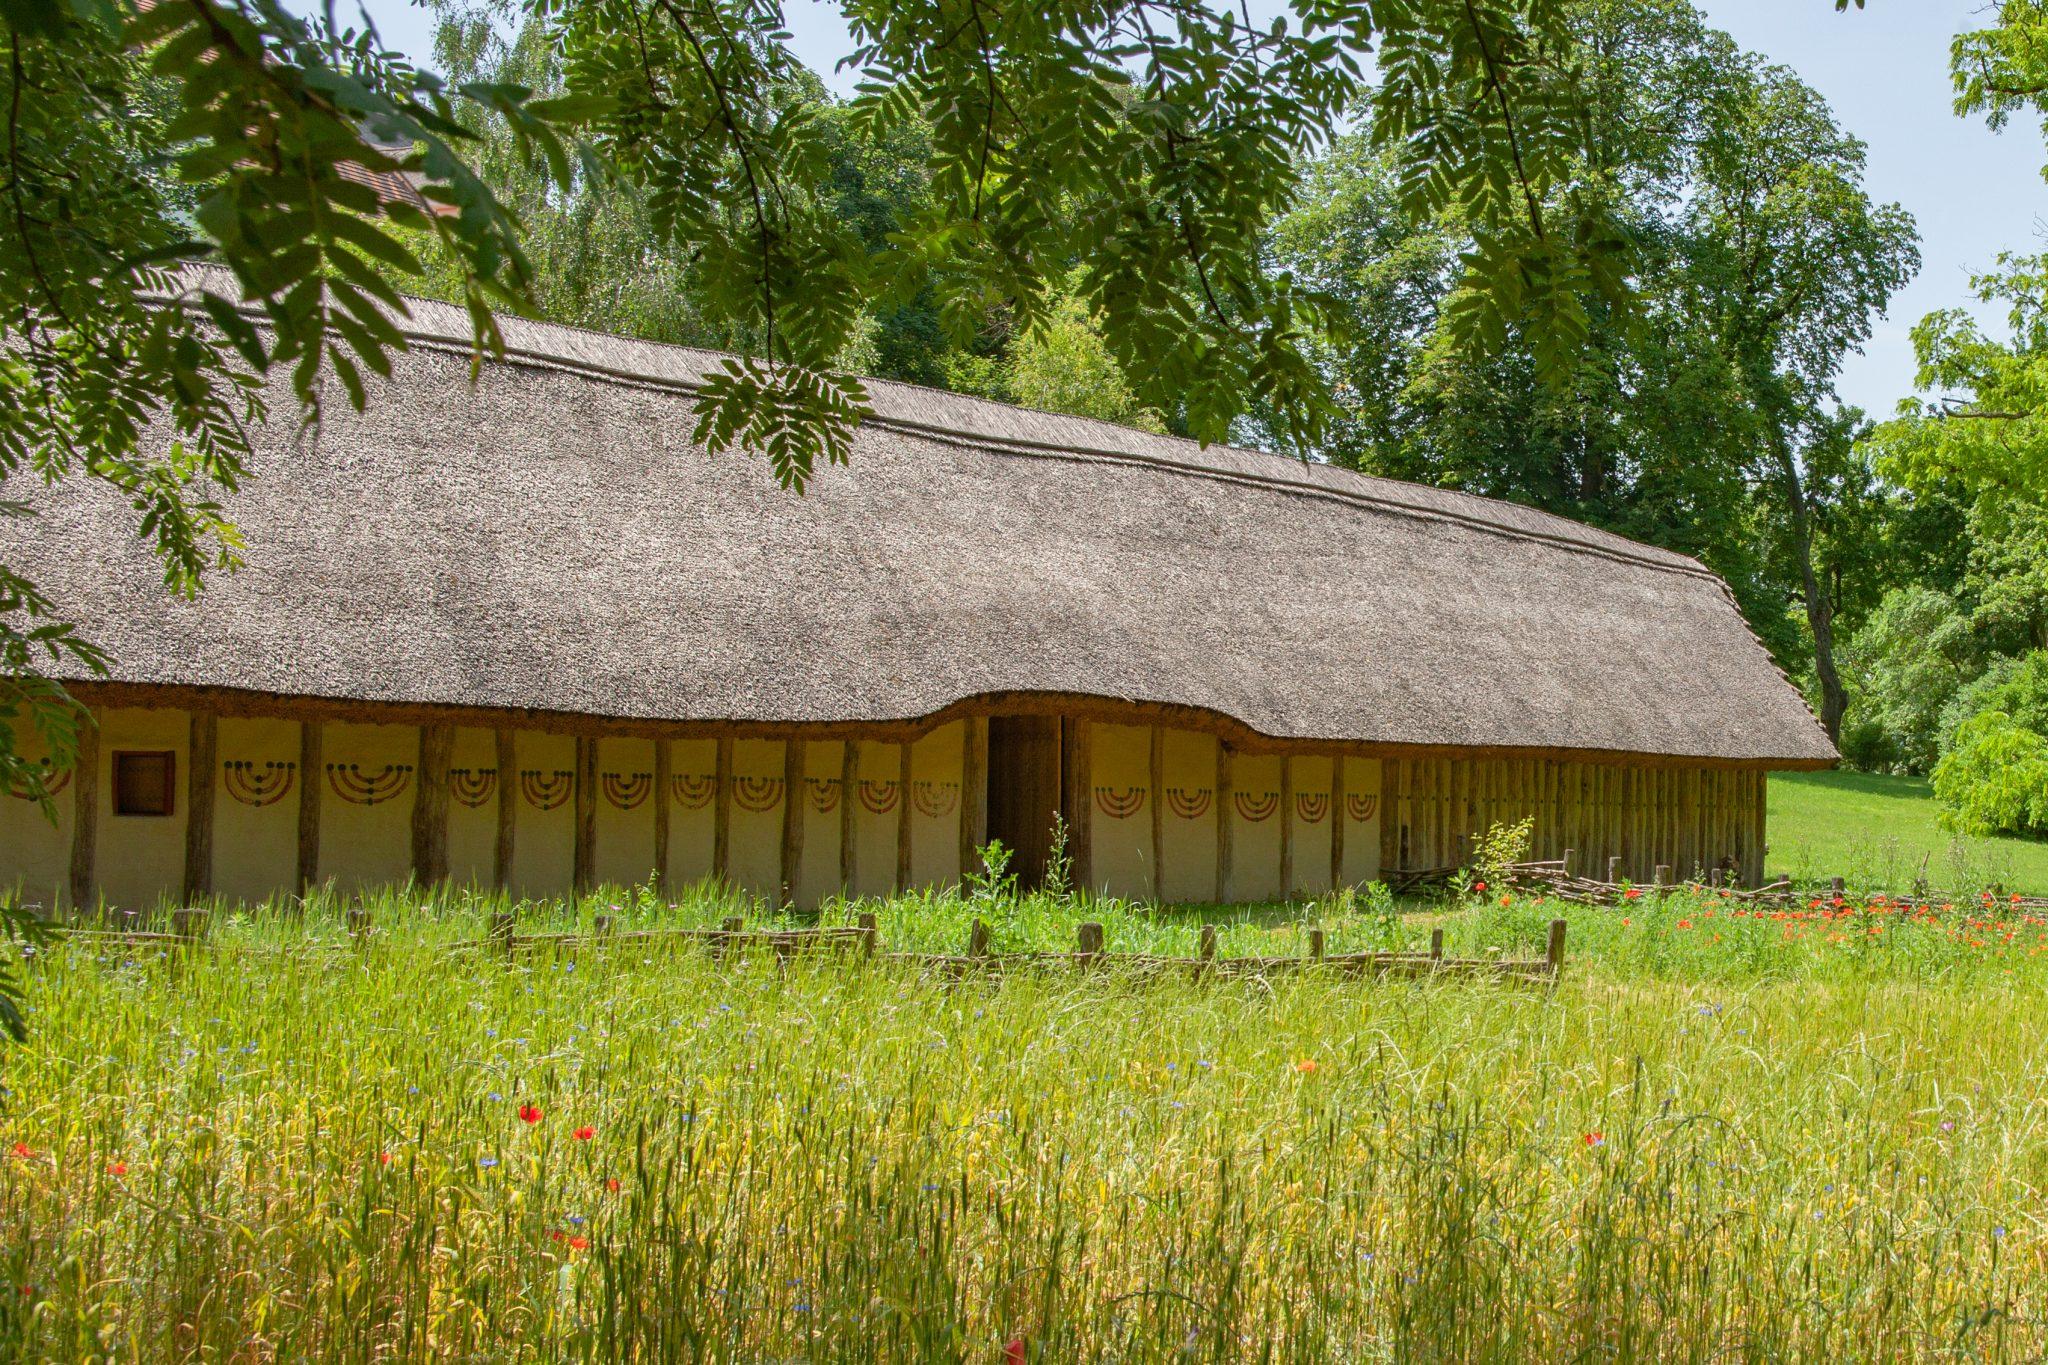 Archäologisches Freigelände - Jungsteinzeitliches Langhaus (c) Atelier Olschinsky